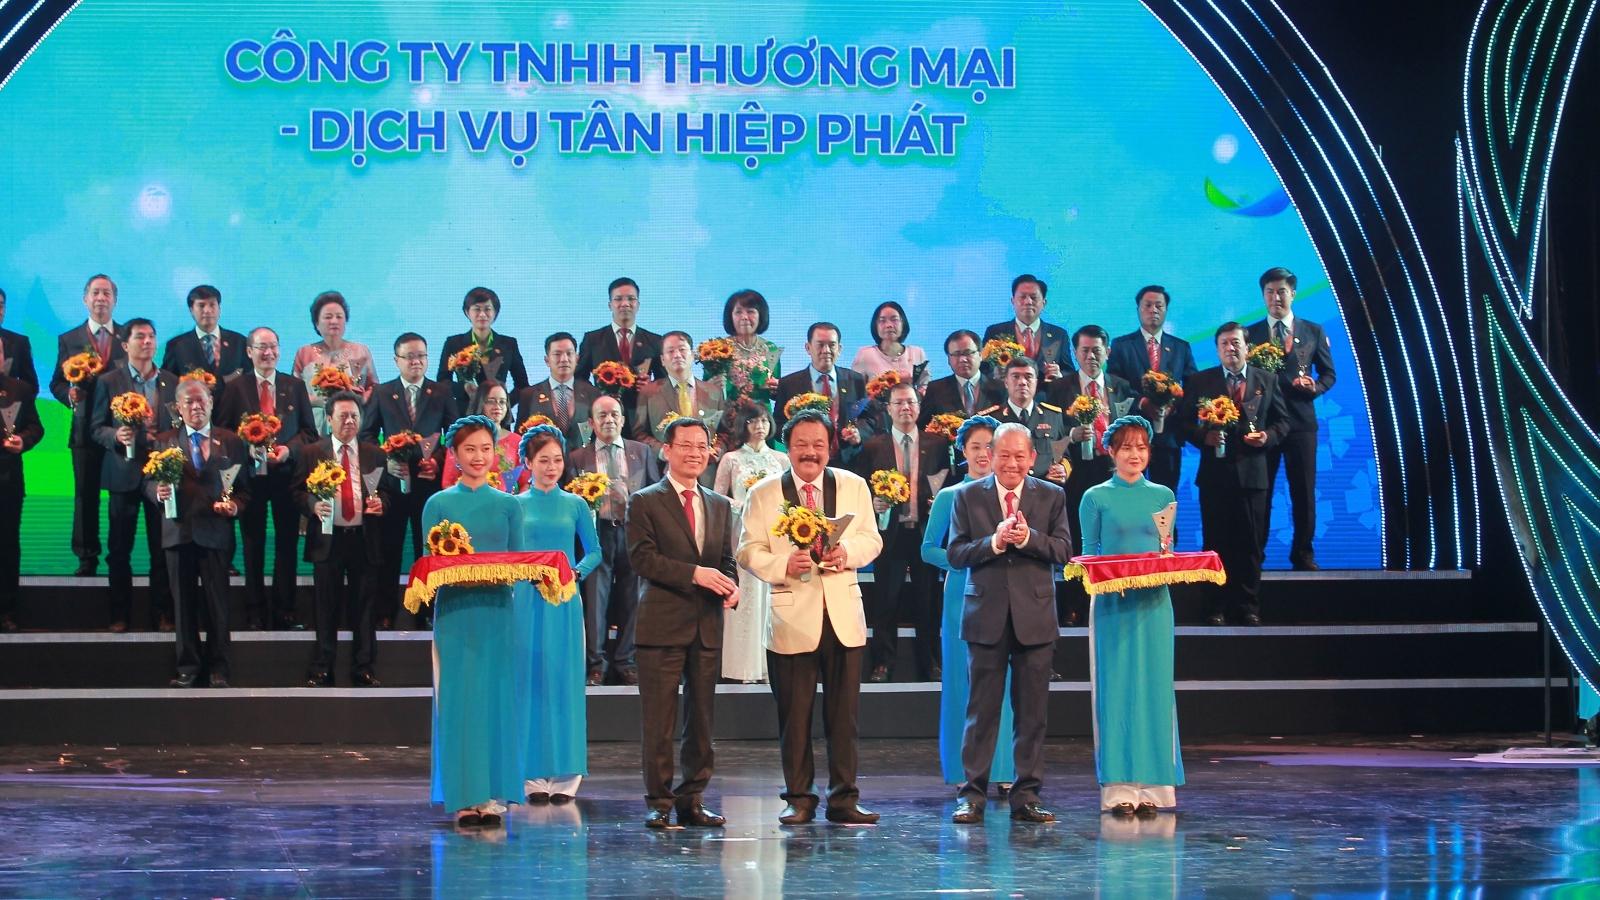 Sản phẩm của Tân Hiệp Phát lần thứ 6 liên tiếp đạt Thương hiệu Quốc gia